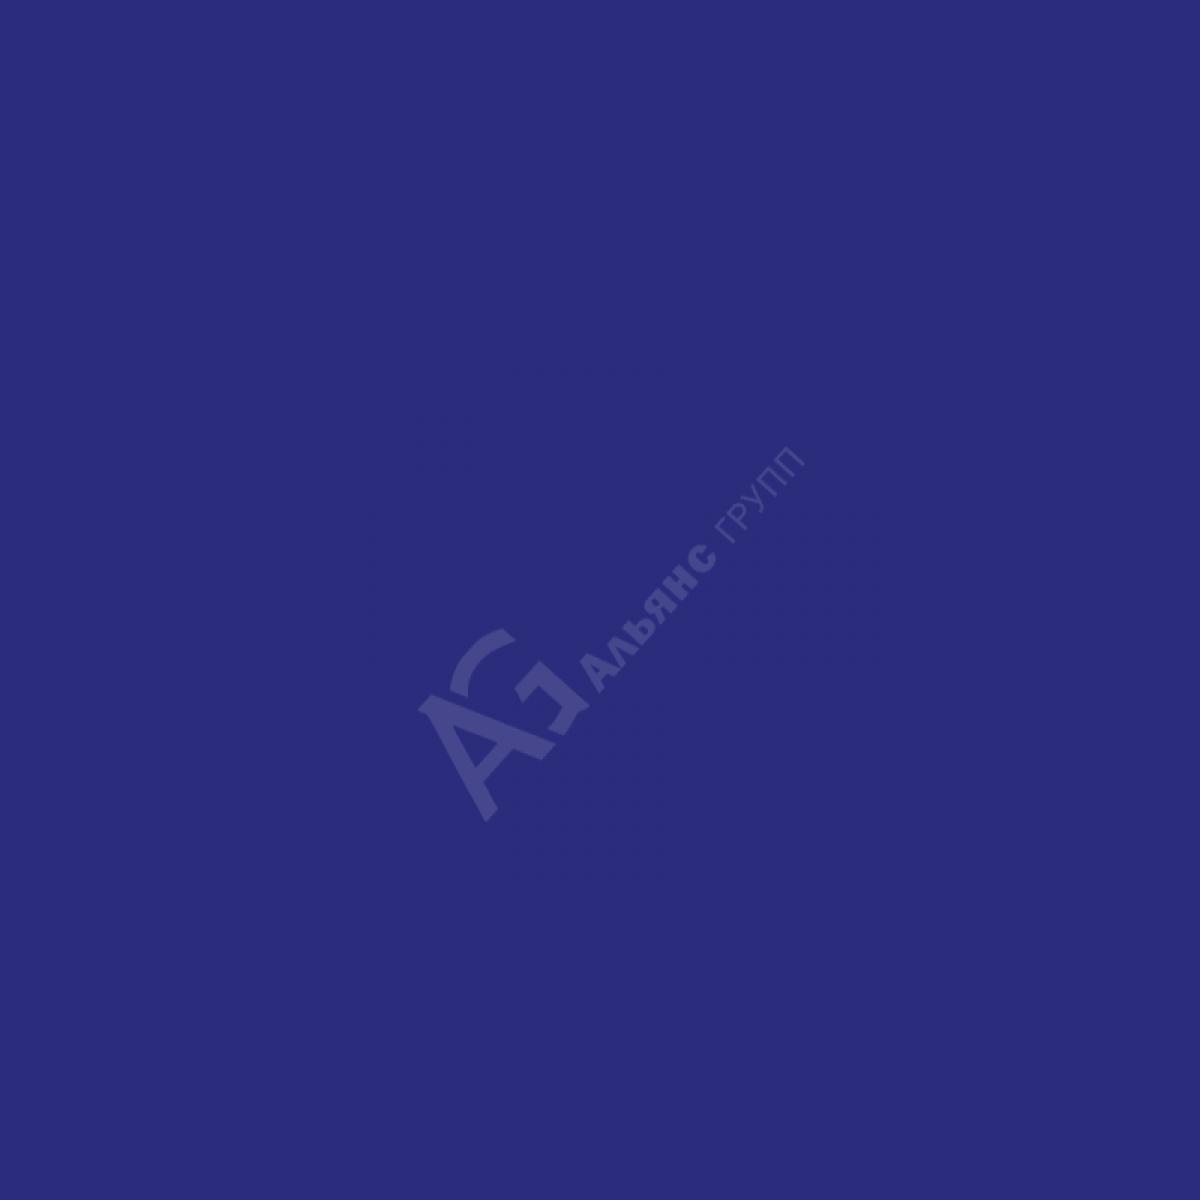 Порошковая краска RAL5002 (Ультрамариново-синий) полиэфирная гладкая глянцевая/25кг